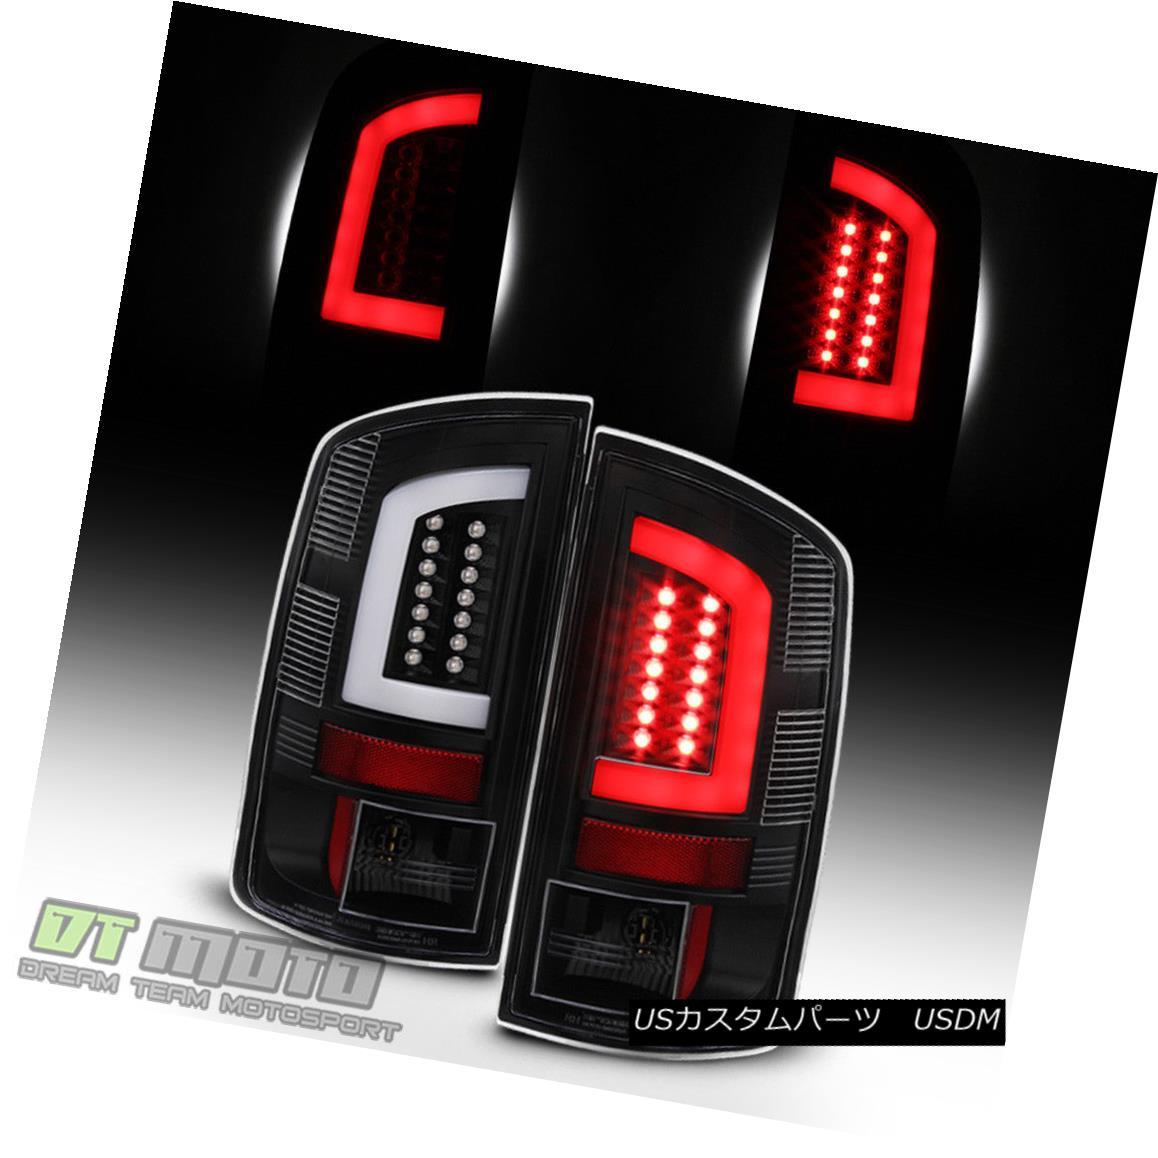 テールライト Black 2007-2008 Dodge Ram 1500 07-09 Ram 2500 3500 [LED Tube] Tail Lights Lamps ブラック2007-2008ダッジラム1500 07-09ラム2500 3500 [LEDチューブ]テールライトランプ